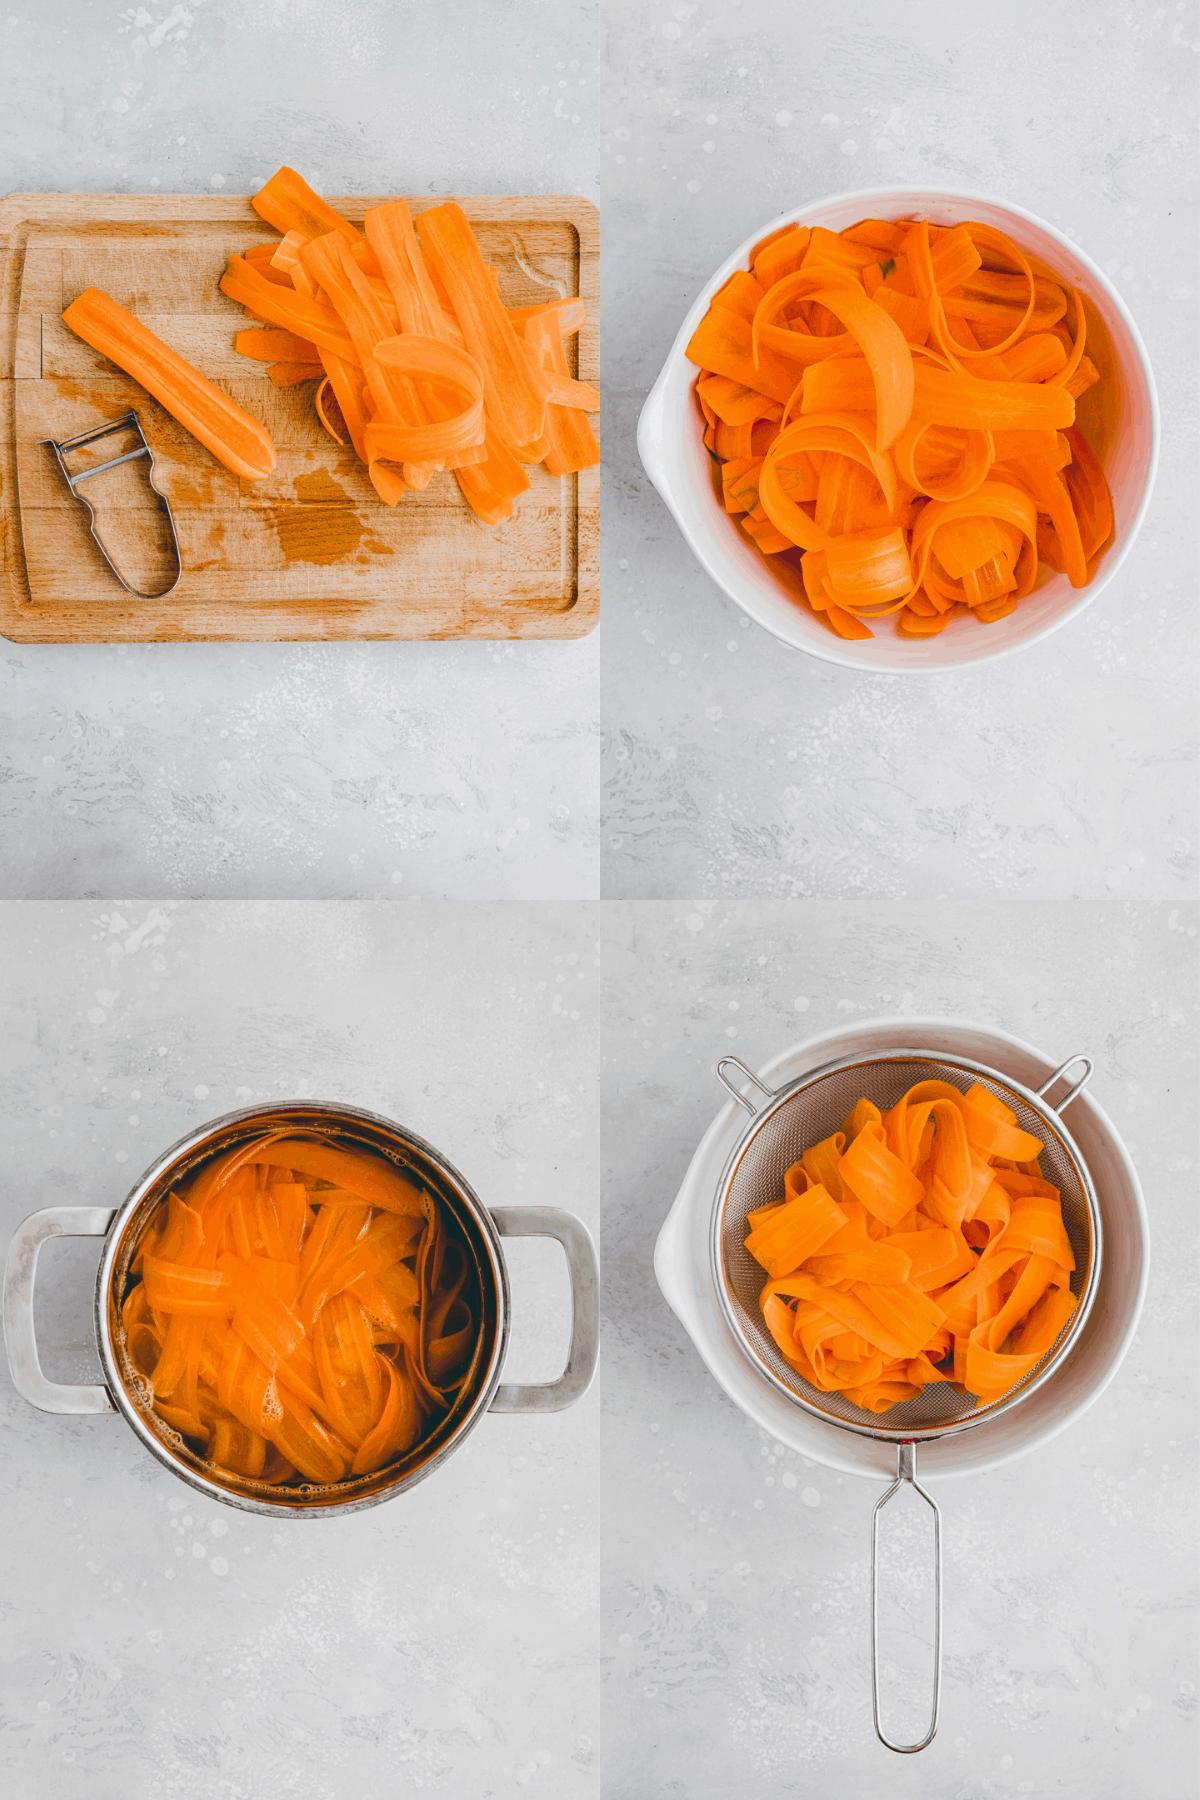 Veganer Karottenlachs Rezept Schritt 1-4